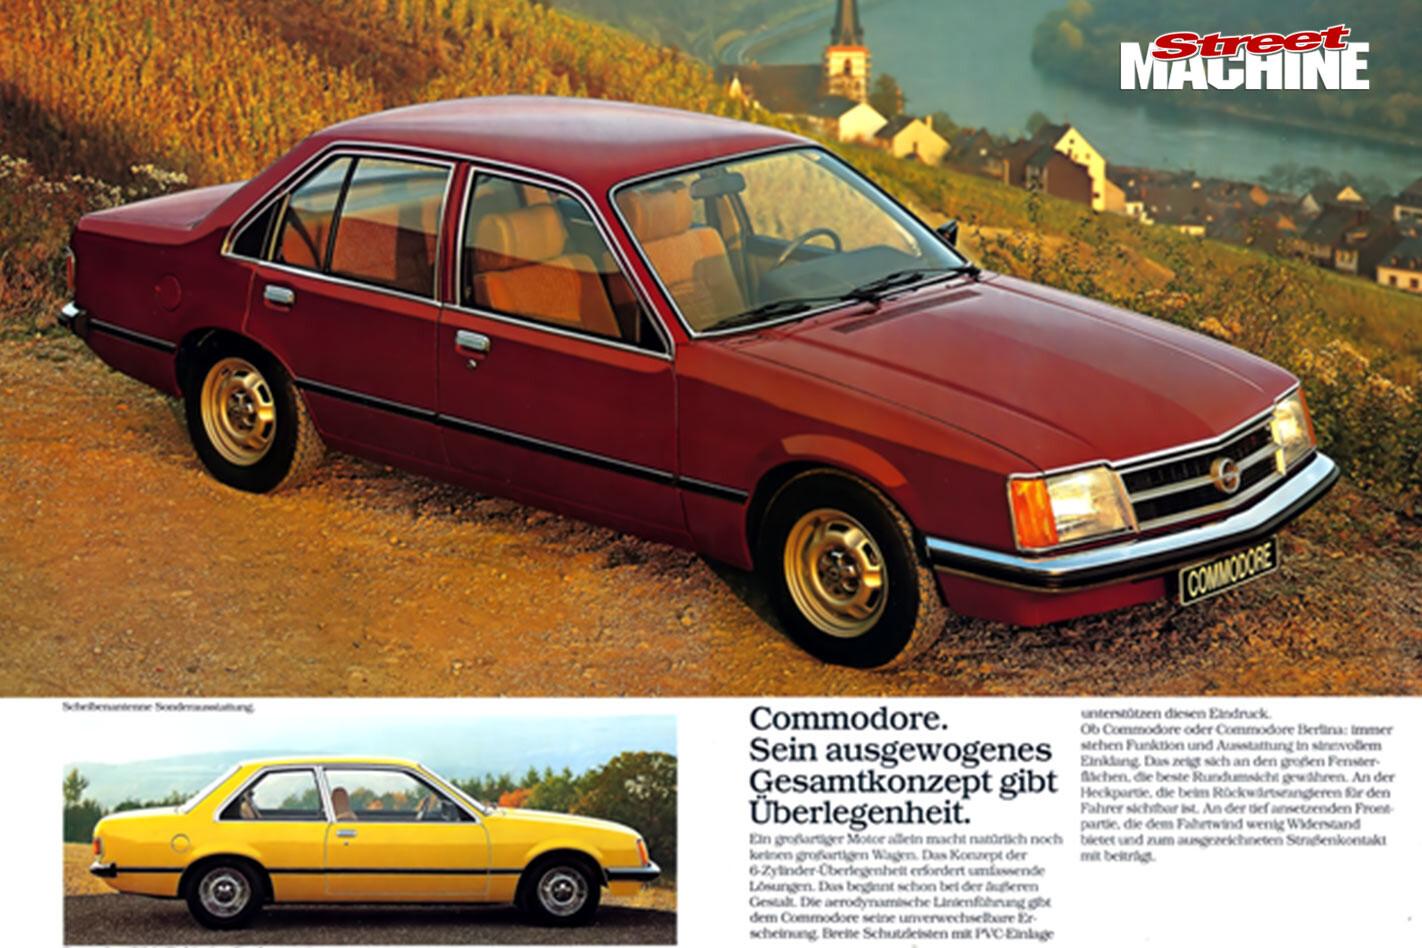 Opel/Commodore